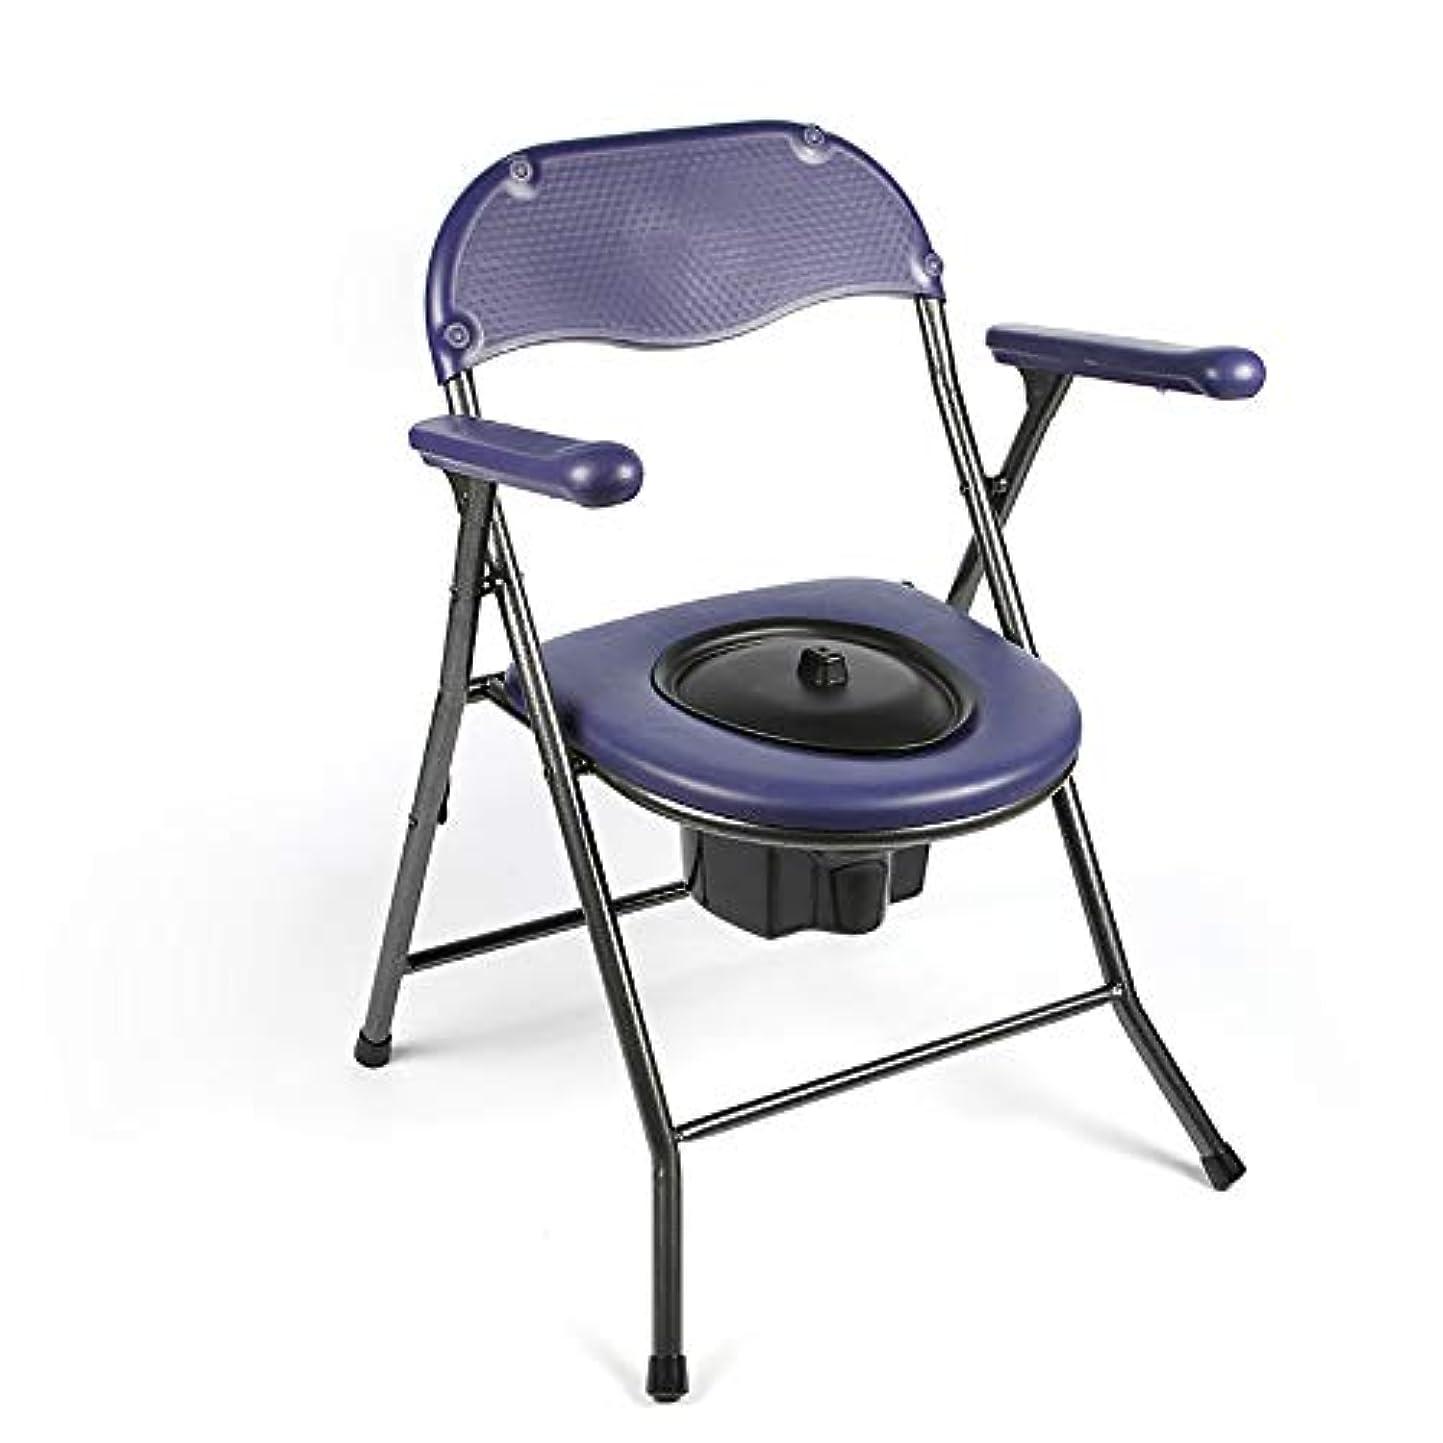 ミリメートル悲しむしばしば折りたたみ便器トイレ、バケツ付き高齢者便器チェア、旅行トイレコンフォートキャンプ、ハイキング、旅行、建設現場の椅子Toliet